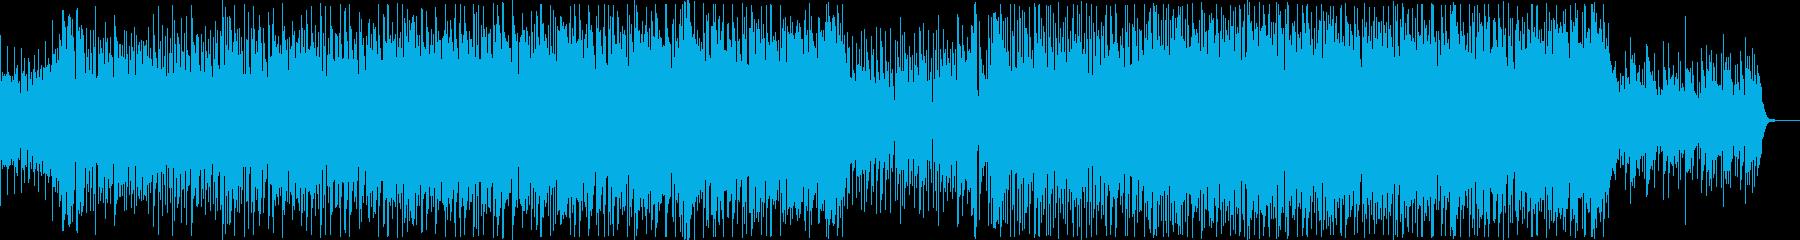 爽やか透明感ピアノフルートコーポレートAの再生済みの波形